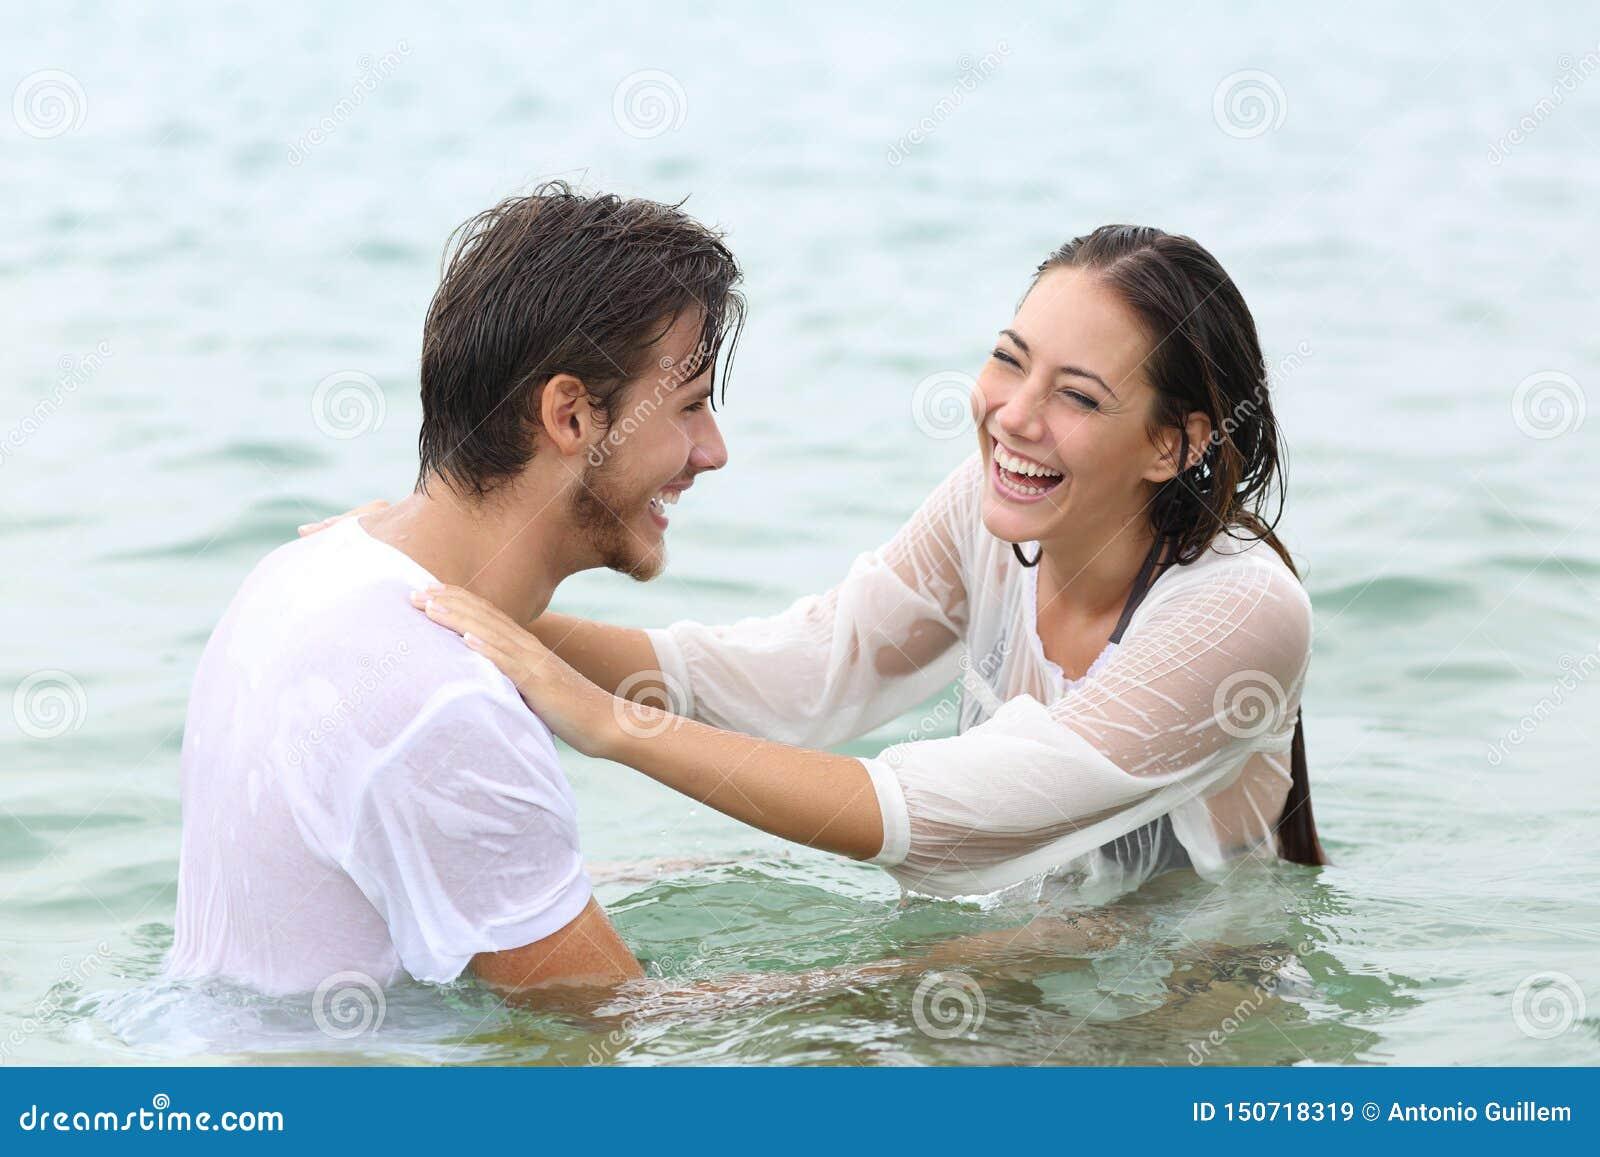 Baño humorístico de los pares divertidos en la playa